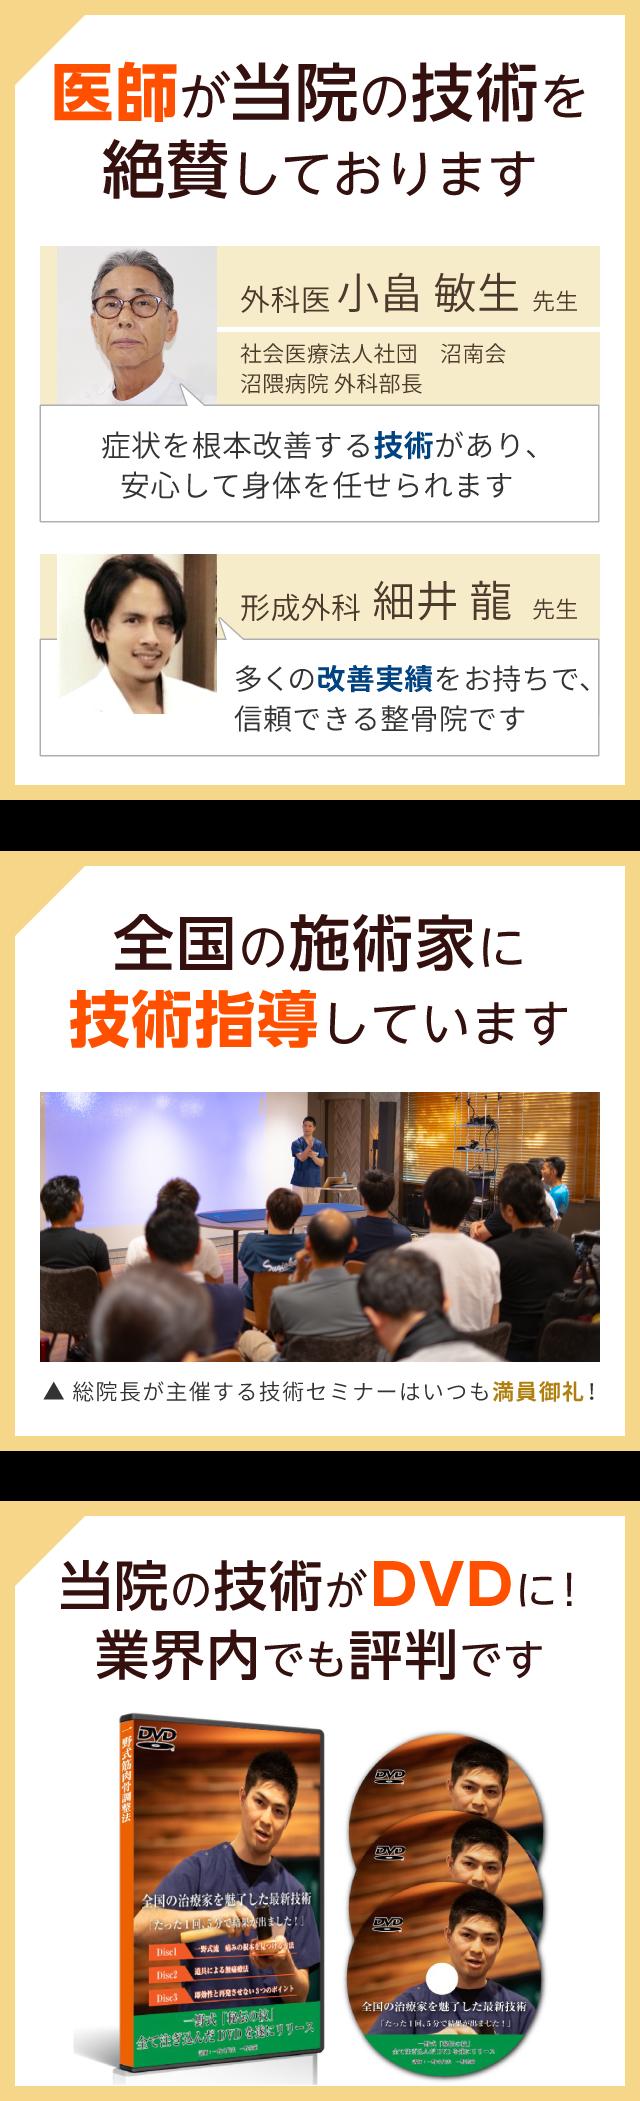 医師・技術指導・DVD